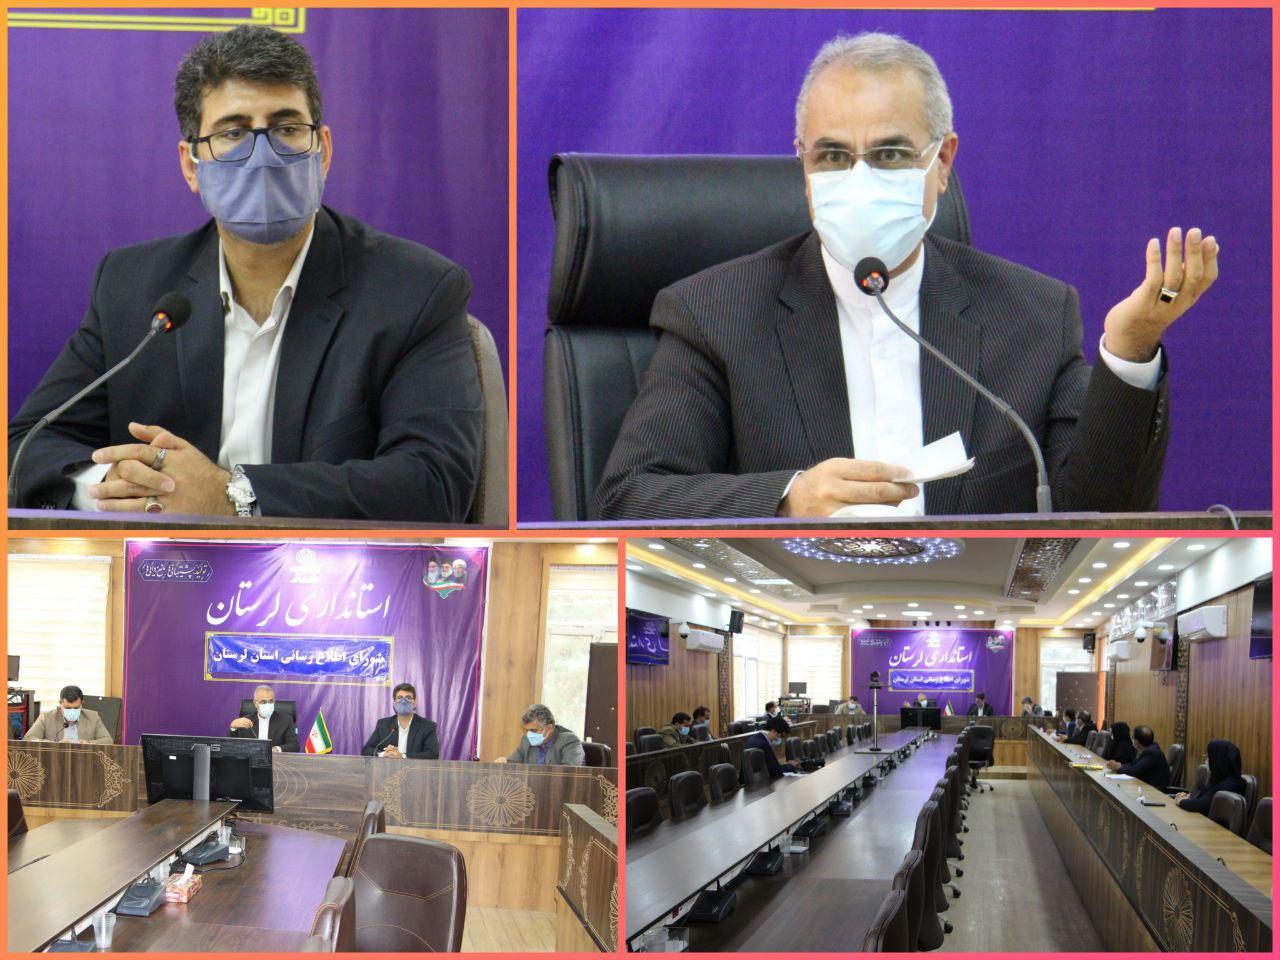  رئیس شورای اطلاعرسانی استان لرستان، رسانه های استان الگوی صحیح مصرف آب را فرهنگ سازی کنند: